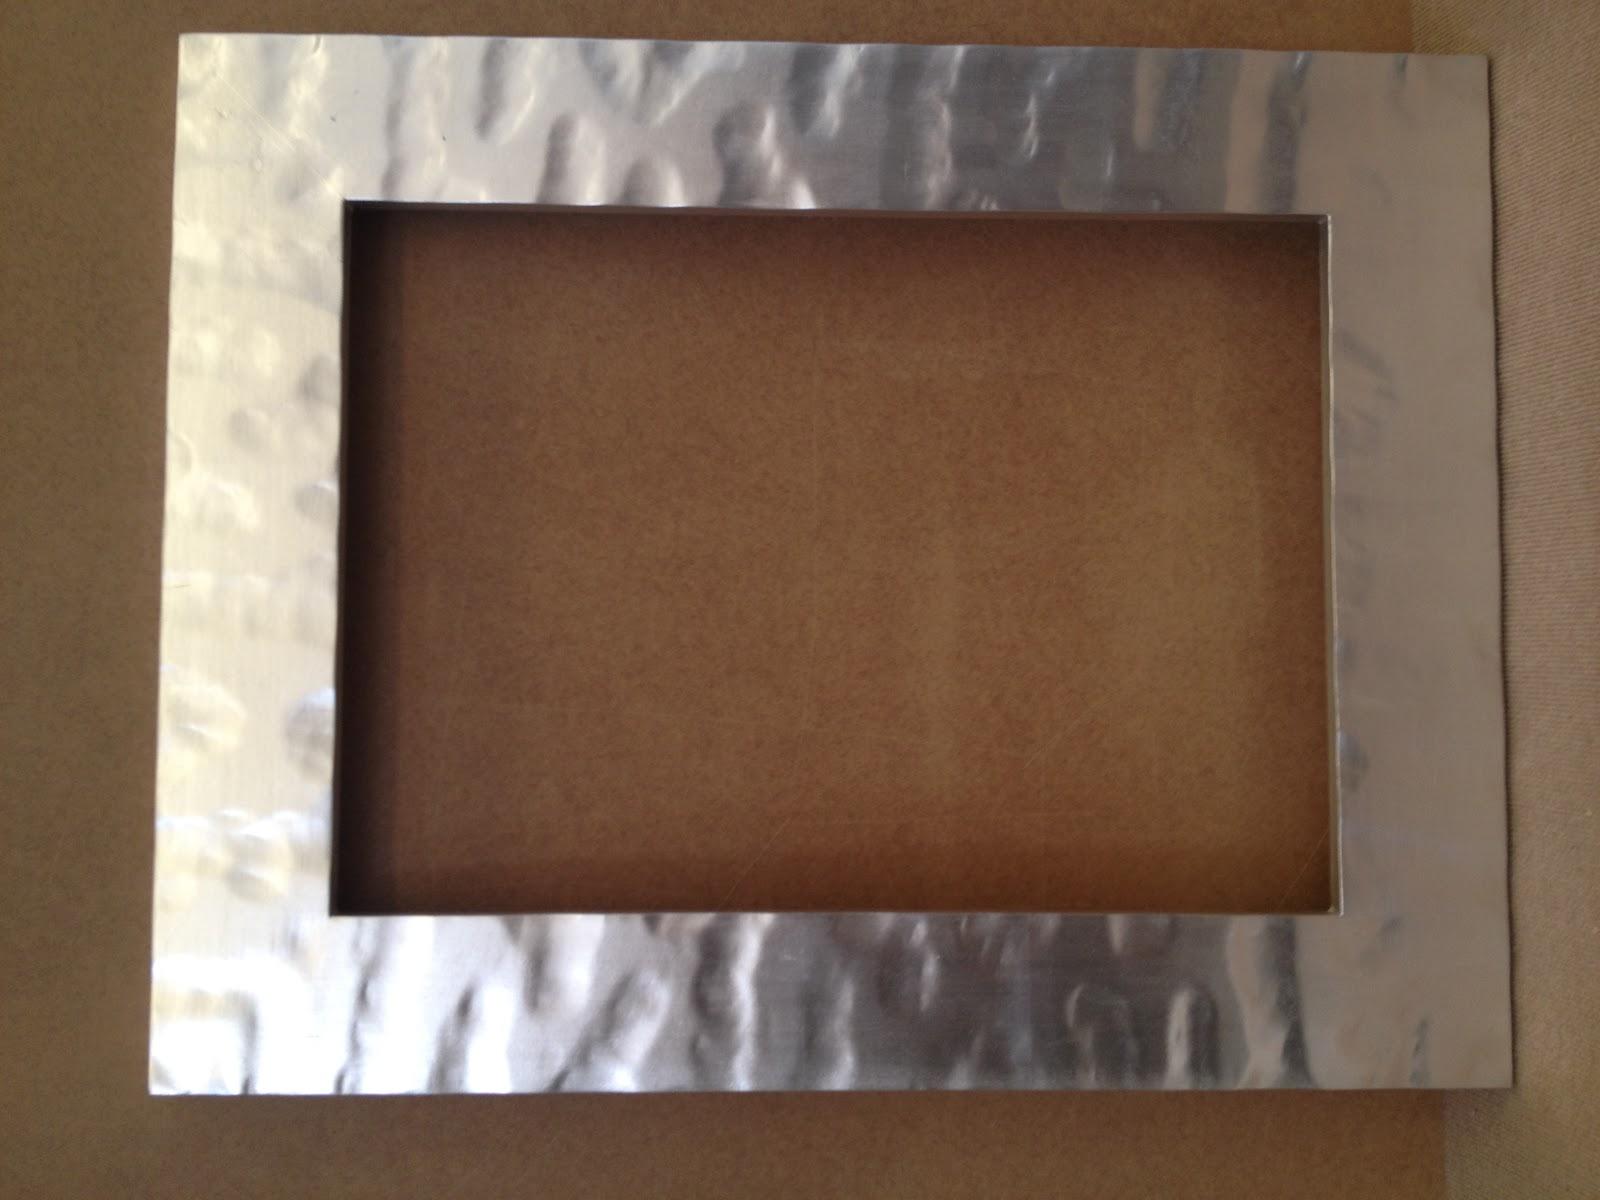 Kino marcos molduras marcos para cuadros enmarcacion for Cuadros modernos para fotos